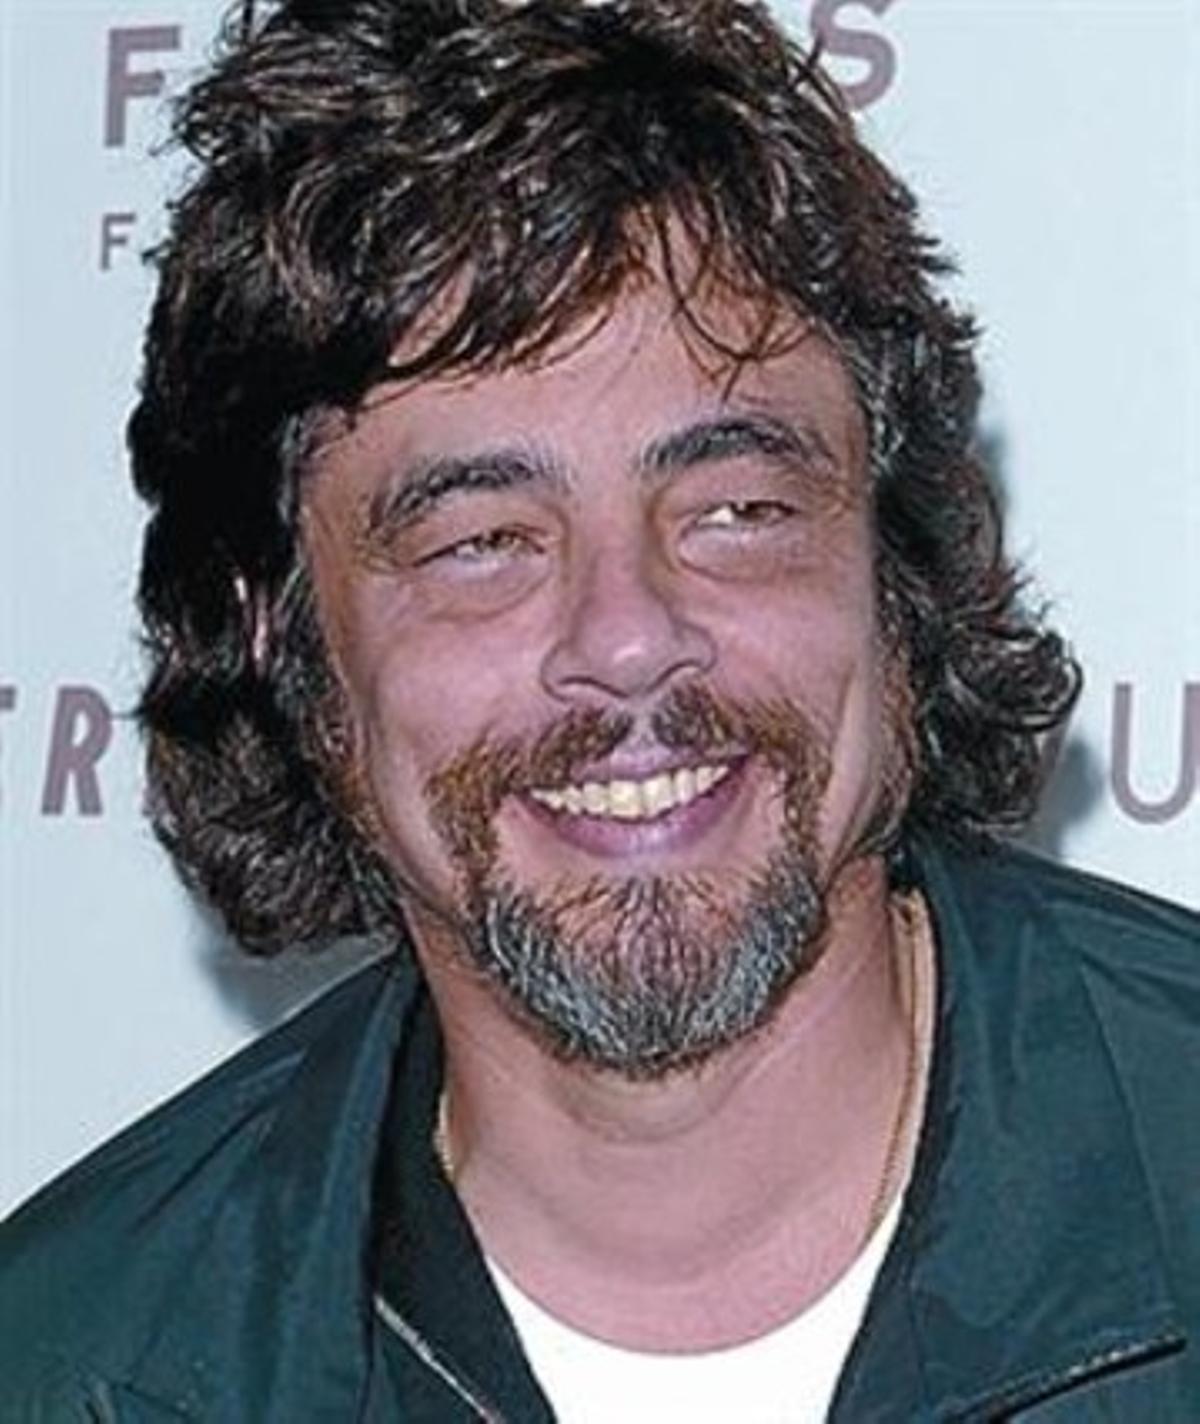 A la izquierda, Ricky Martin. A la derecha, el actor Benicio del Toro.